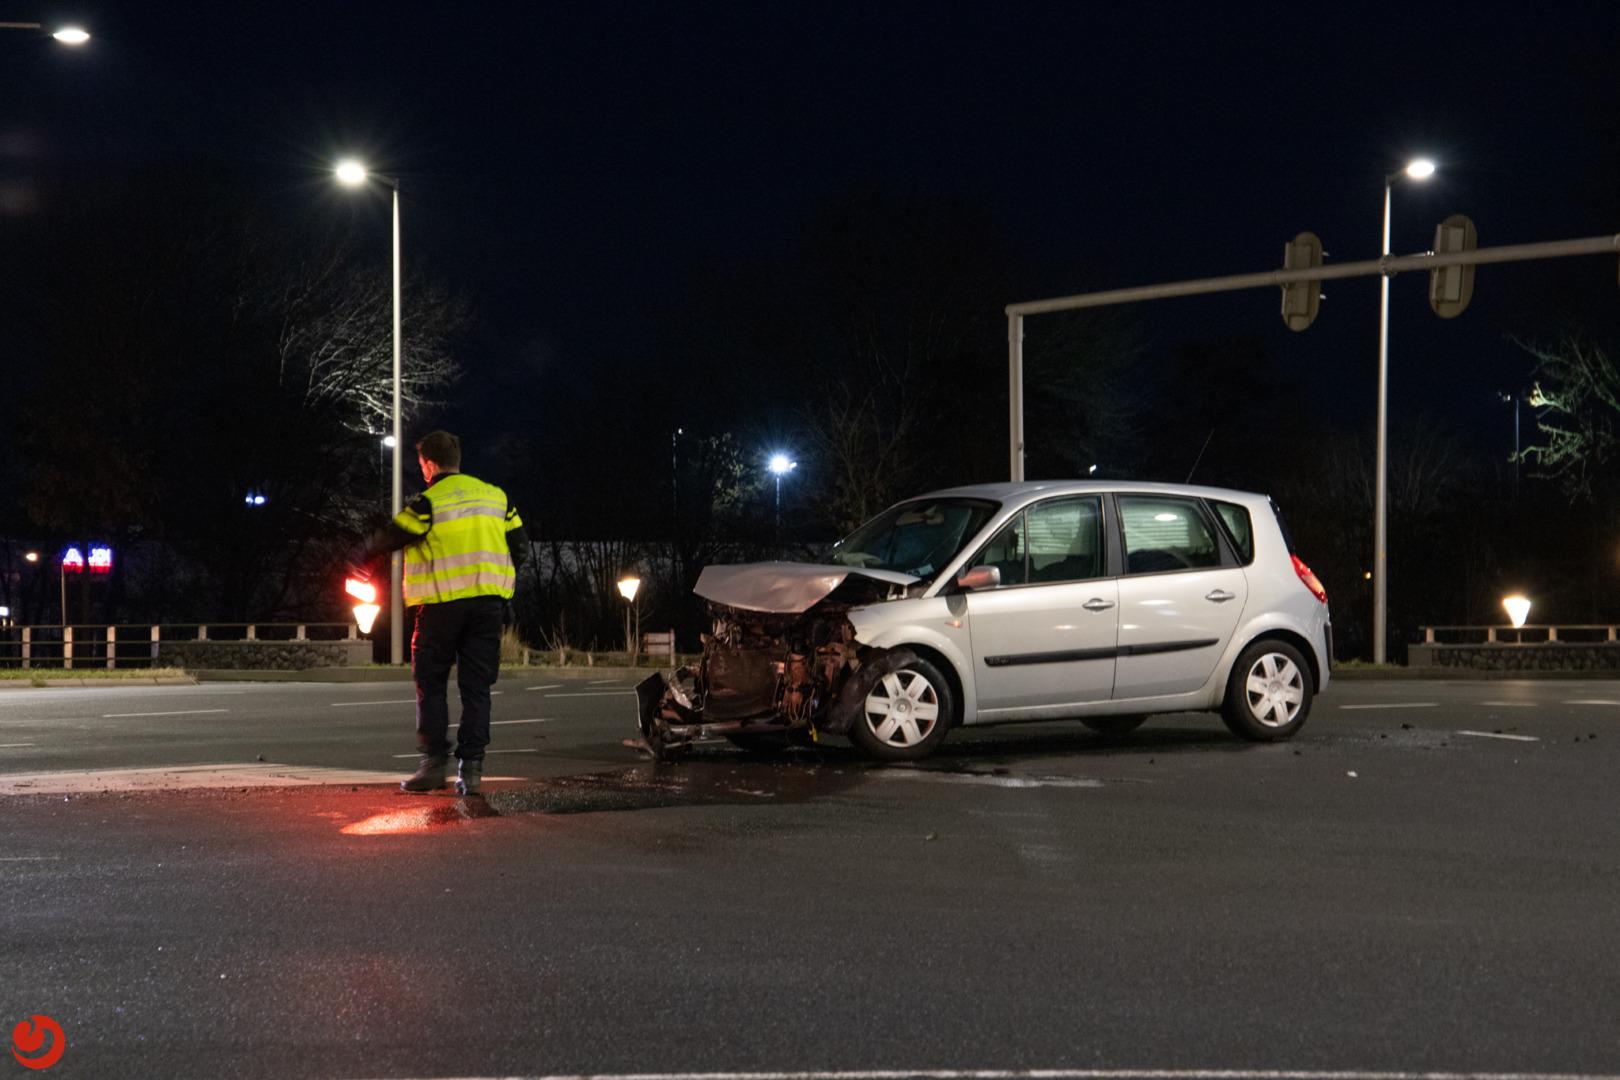 Veel schade bij botsing op verkeersplein.